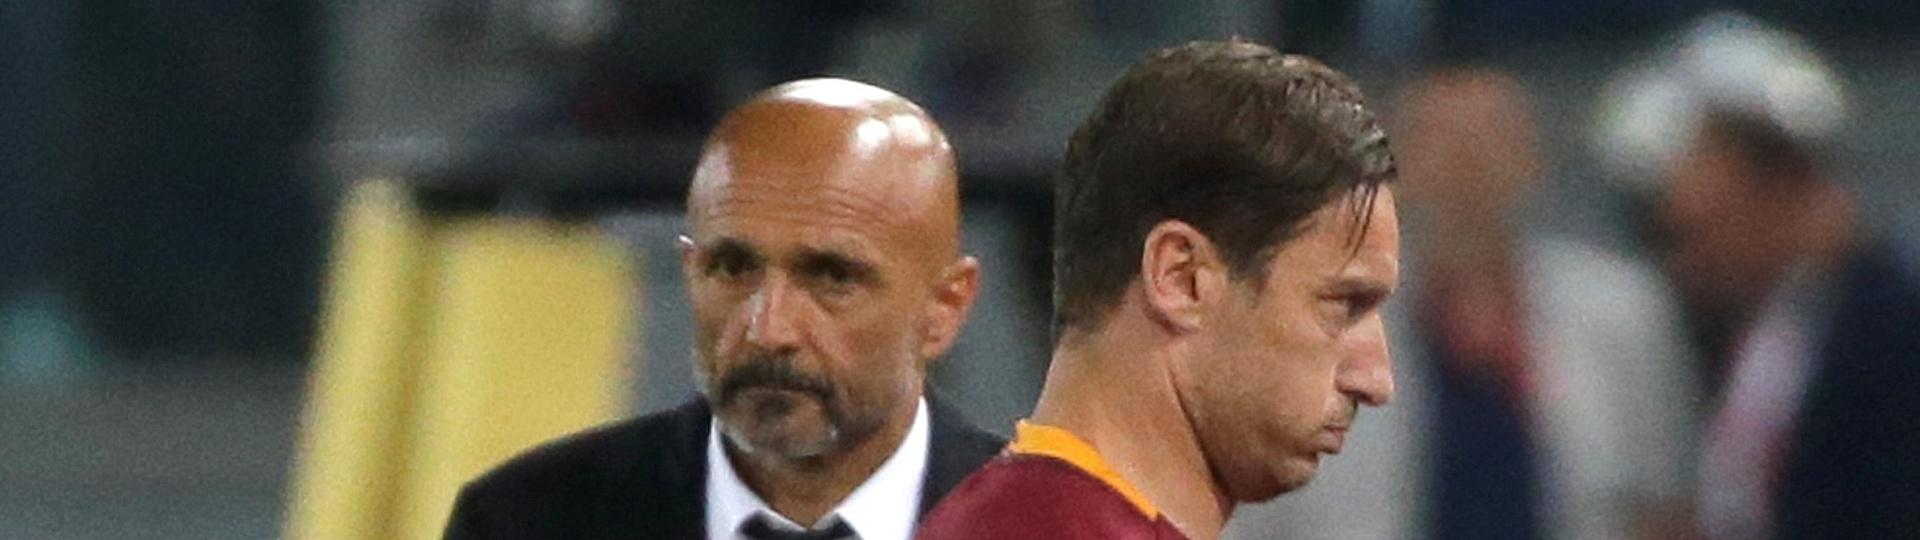 Francesco Totti, jogador da Roma, deixa o campo e é observado por Luciano Spalletti, treinador do clube